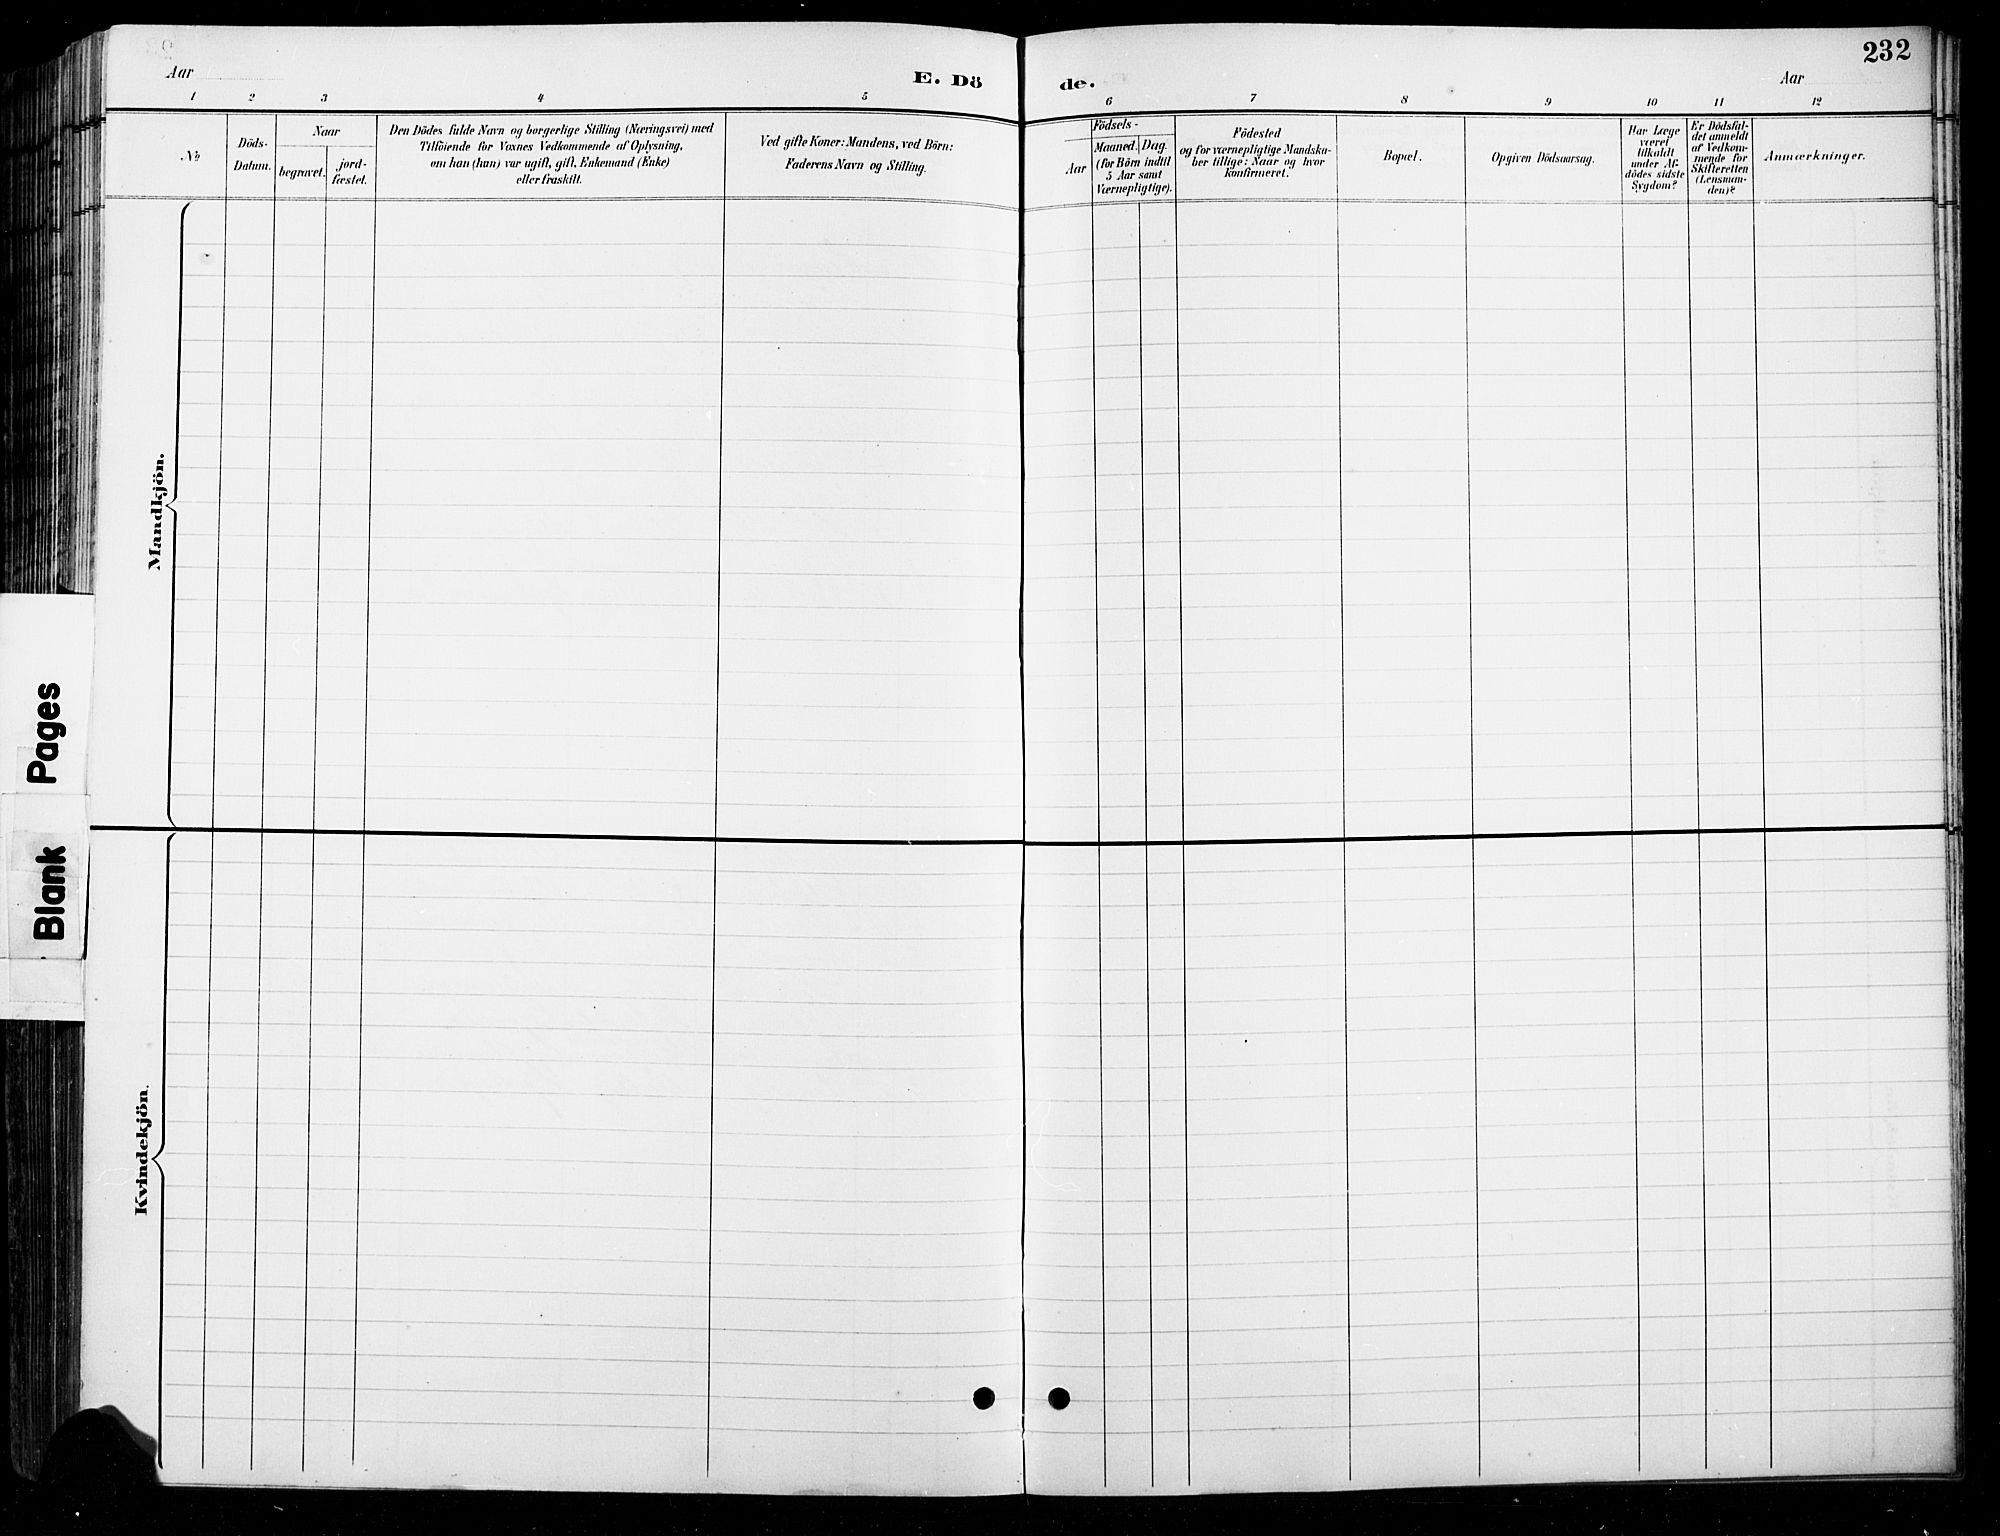 SAH, Lesja prestekontor, Parish register (copy) no. 7, 1895-1919, p. 232